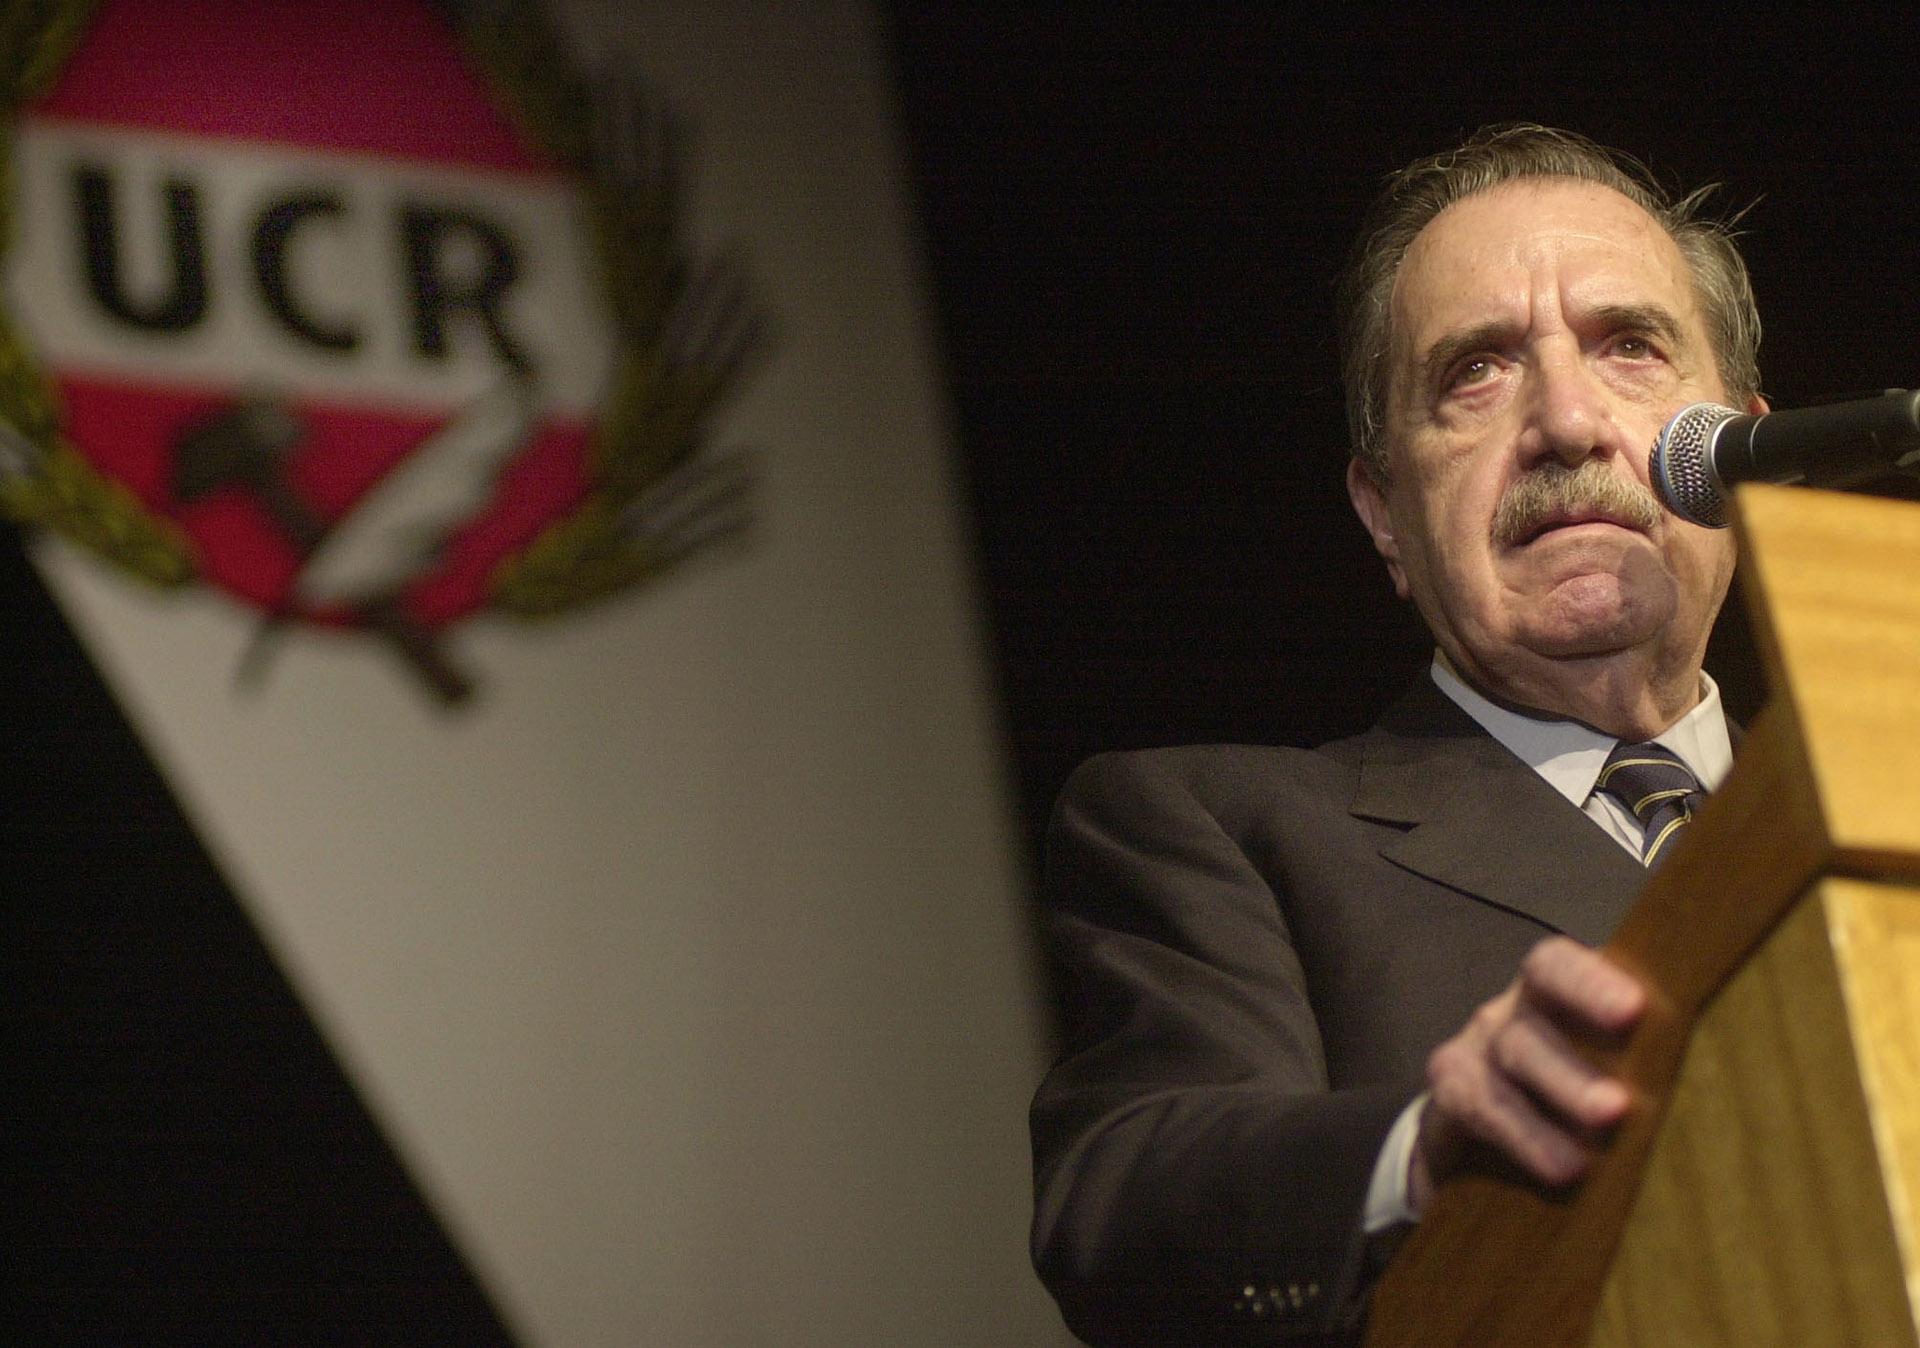 El ex presidente se destacó por su gran poder de oratoria